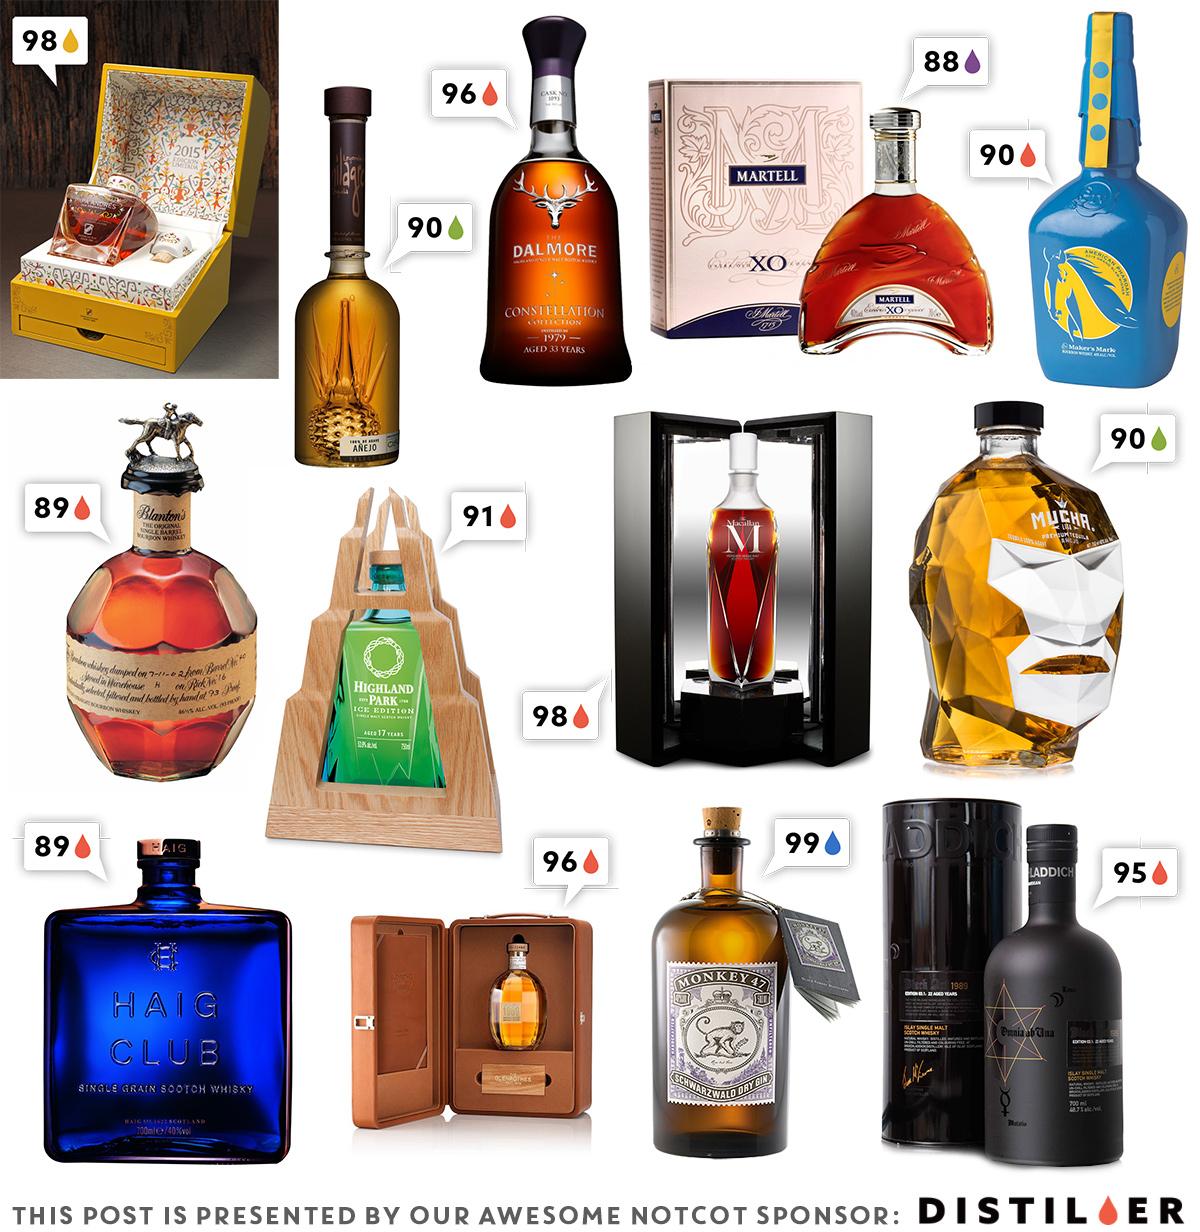 distiller00.jpg